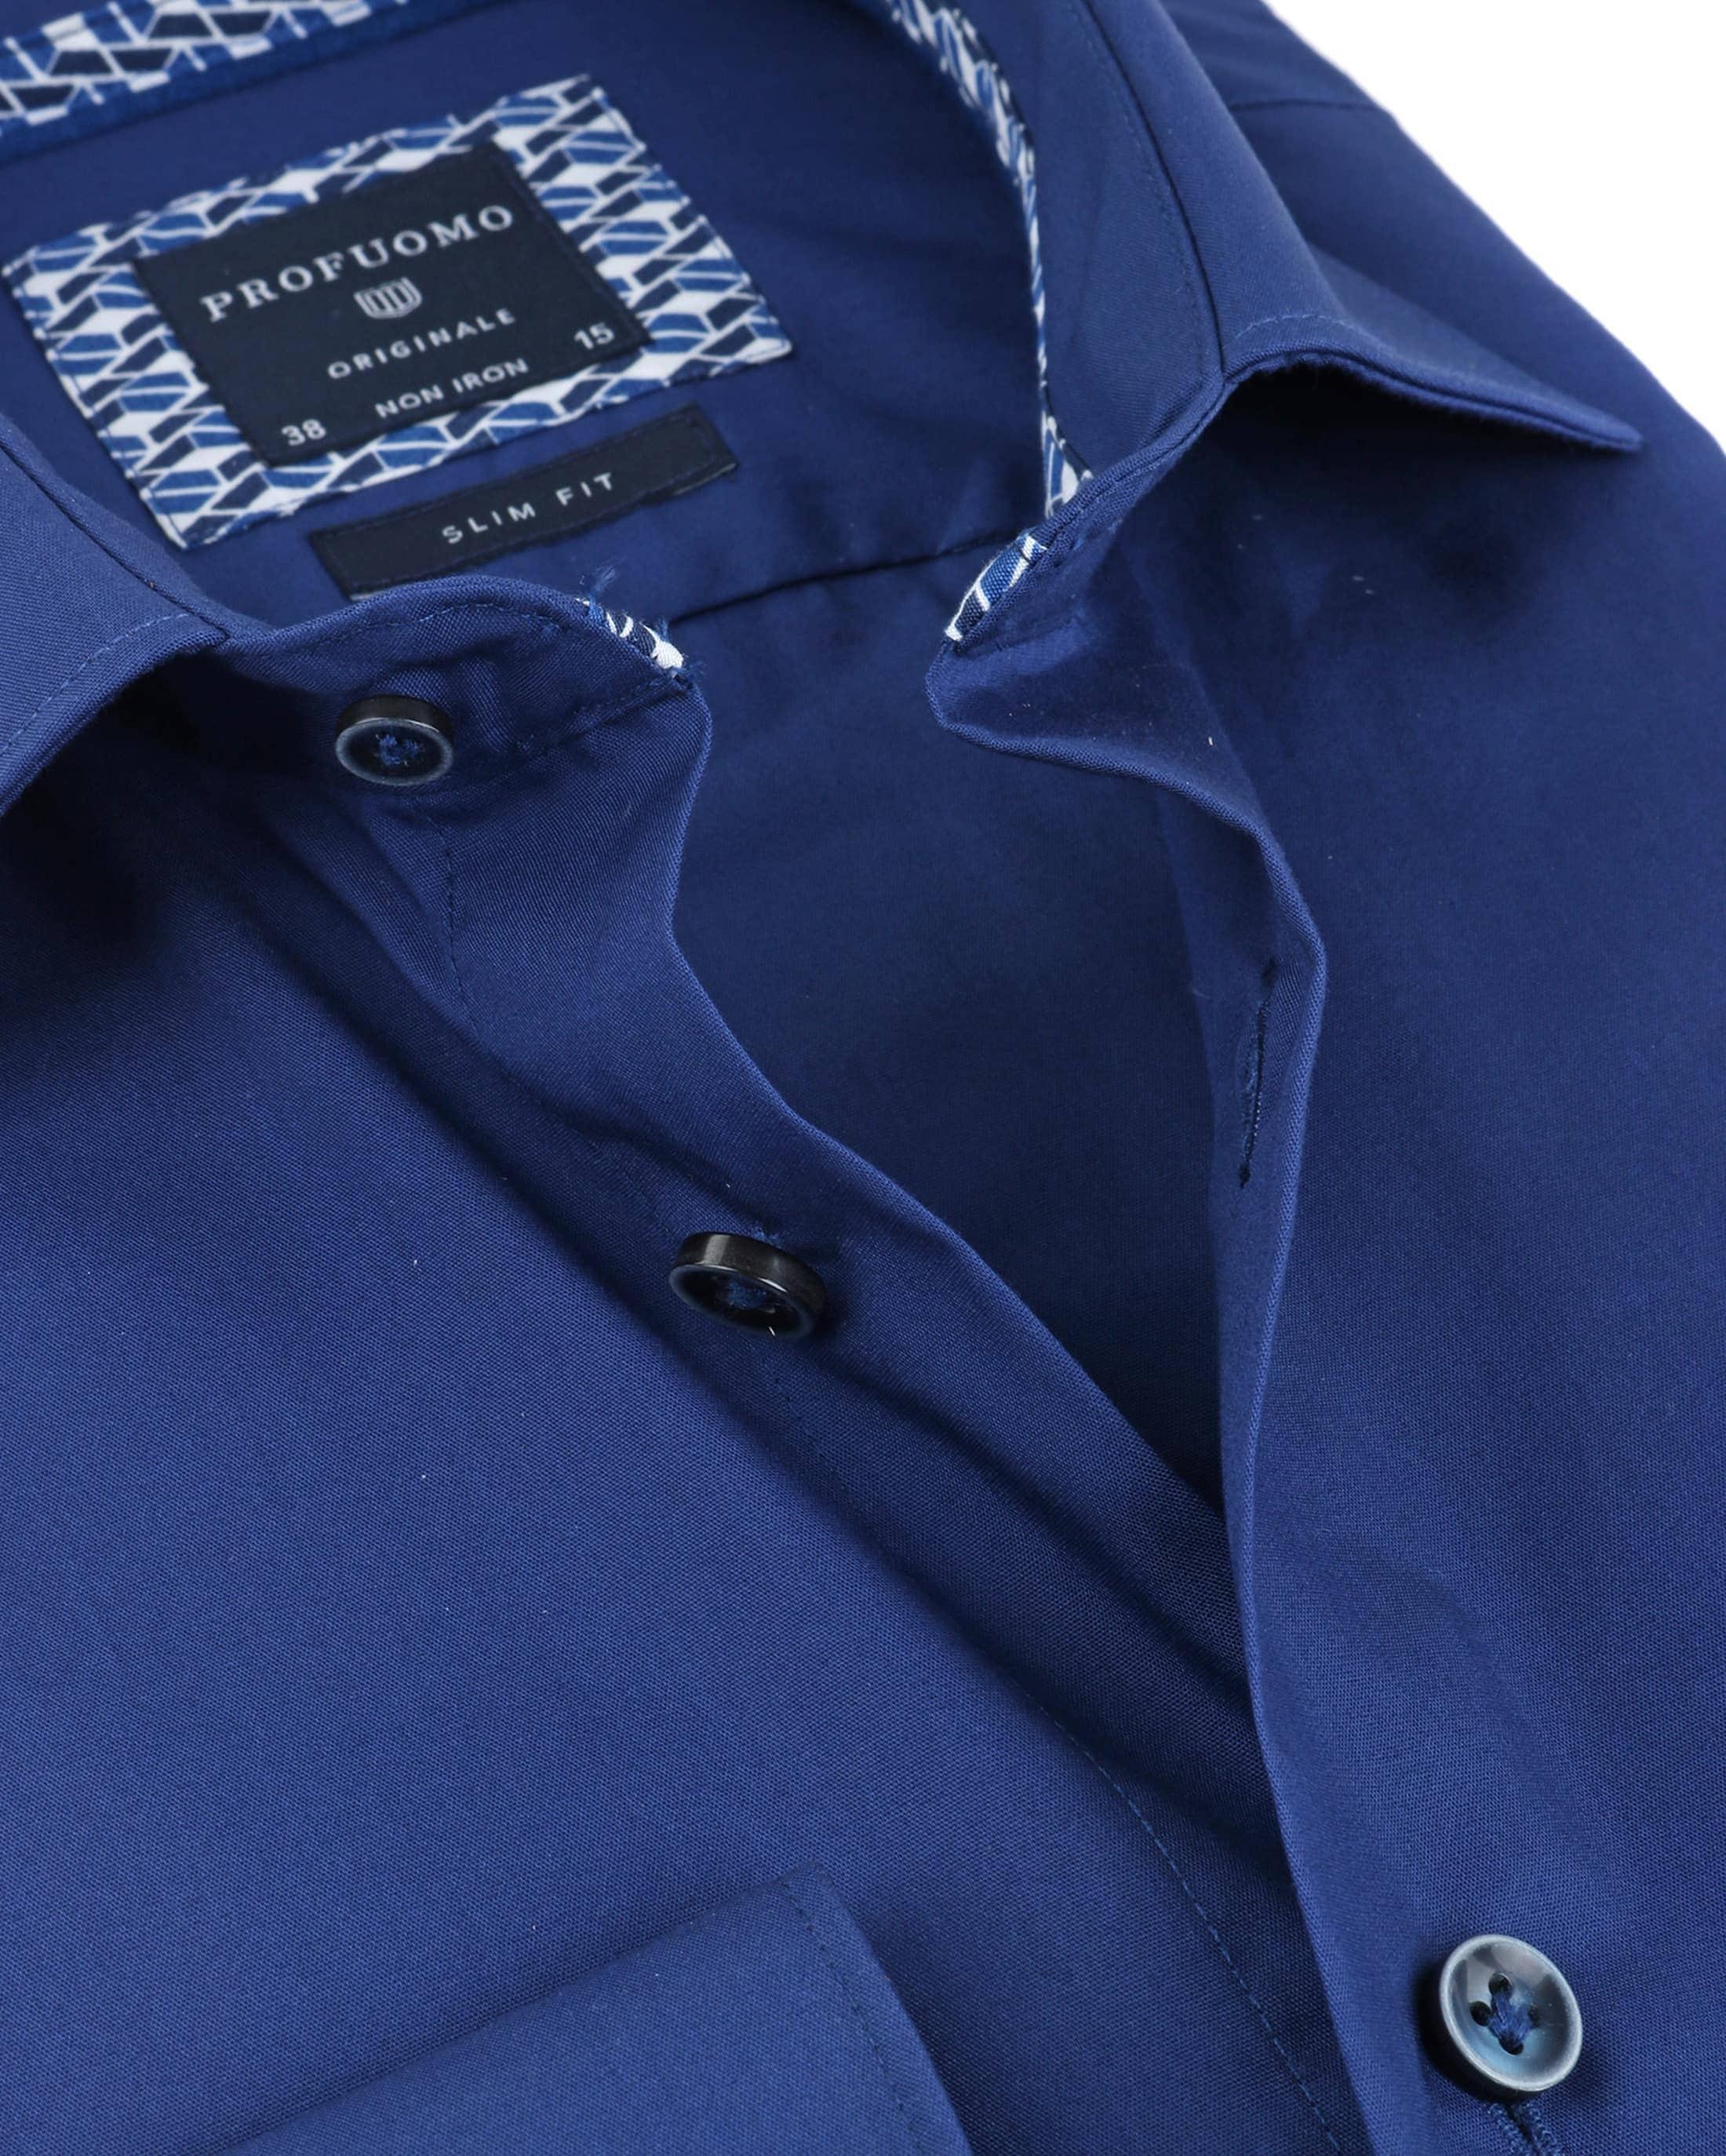 Profuomo Overhemd Uni Blauw Non Iron foto 1